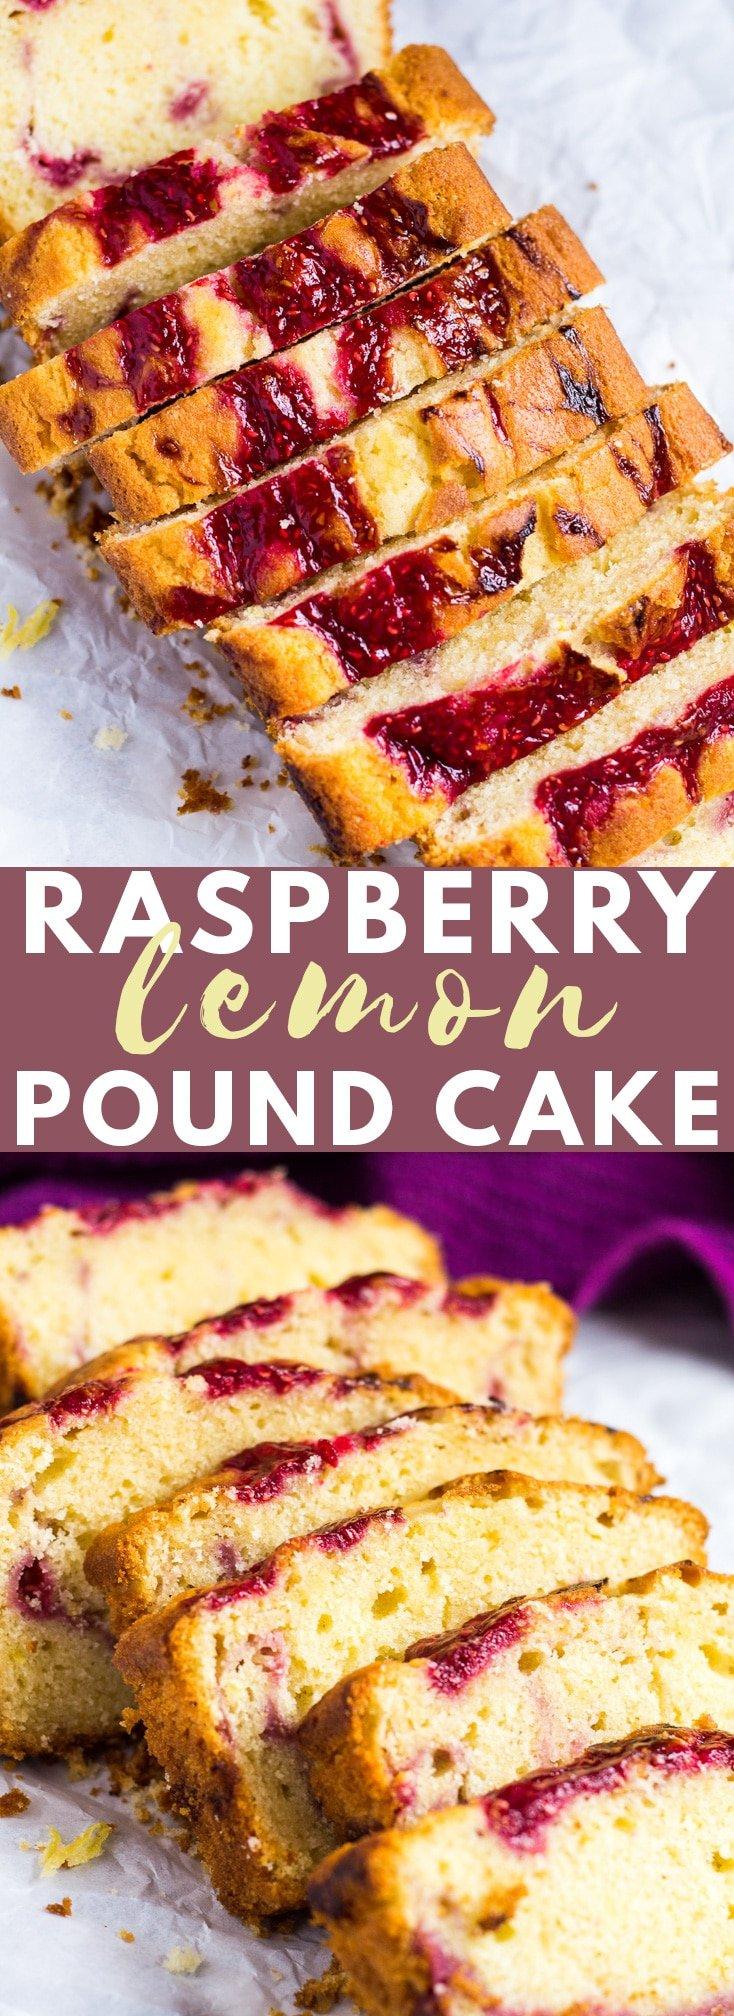 Raspberry Swirl Lemon Pound Cake- Incredibly moist and fluffy lemon-infused pound cake swirled with a fresh raspberry sauce! #raspberry #lemon #poundcake #cakerecipes